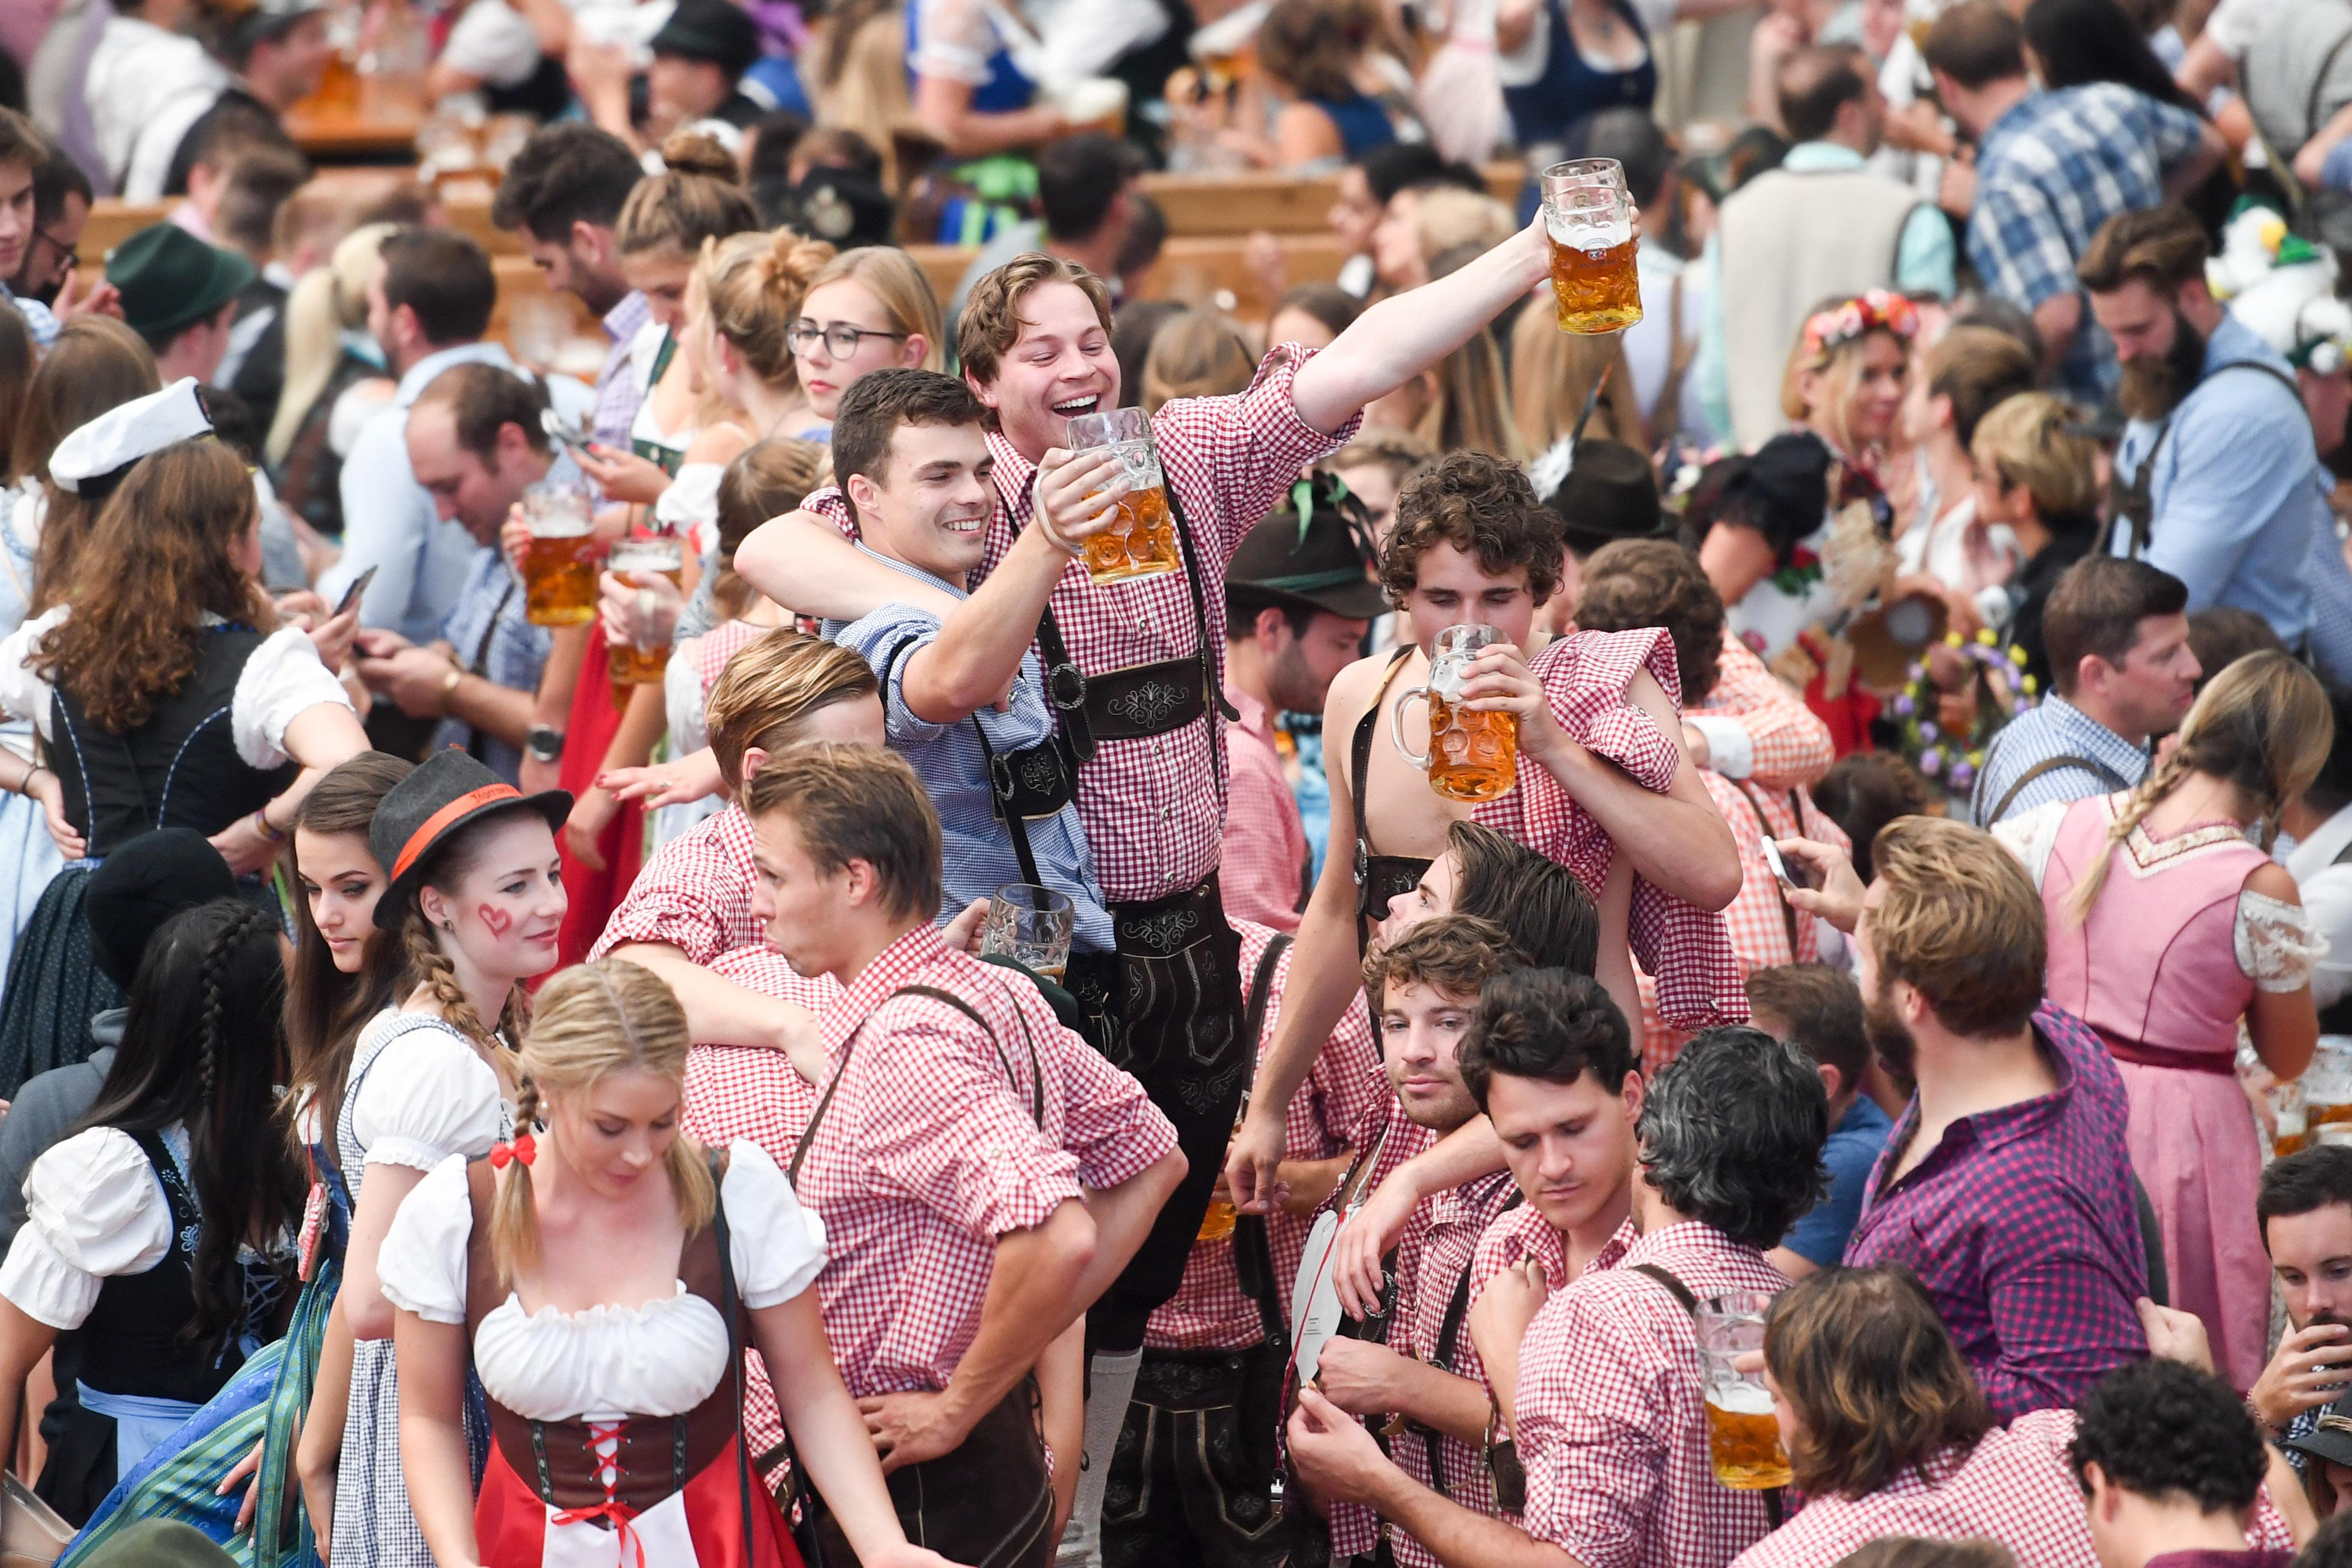 Oktoberfest draws thousands of tourists to Munich every year